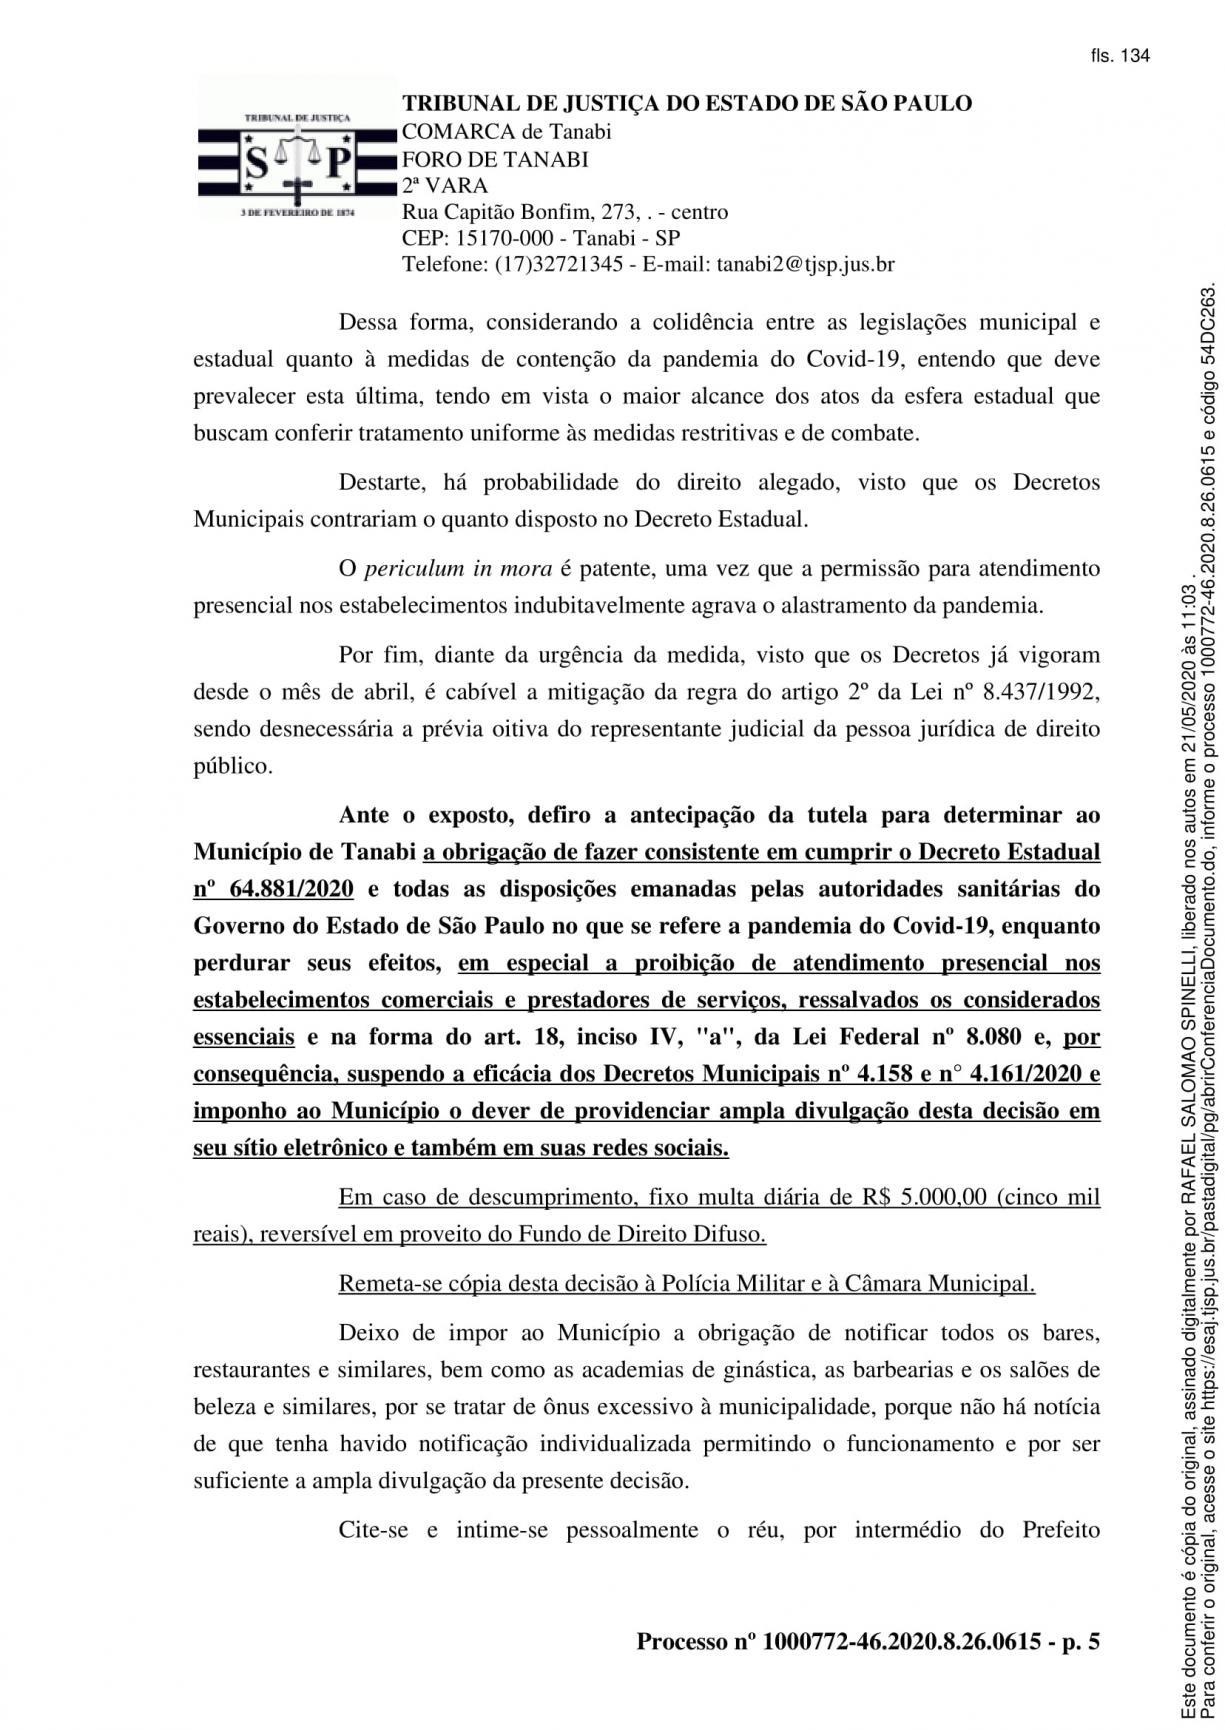 A Prefeitura Municipal de Tanabi cumprindo Decisão da Justiça faz a sua divulgação